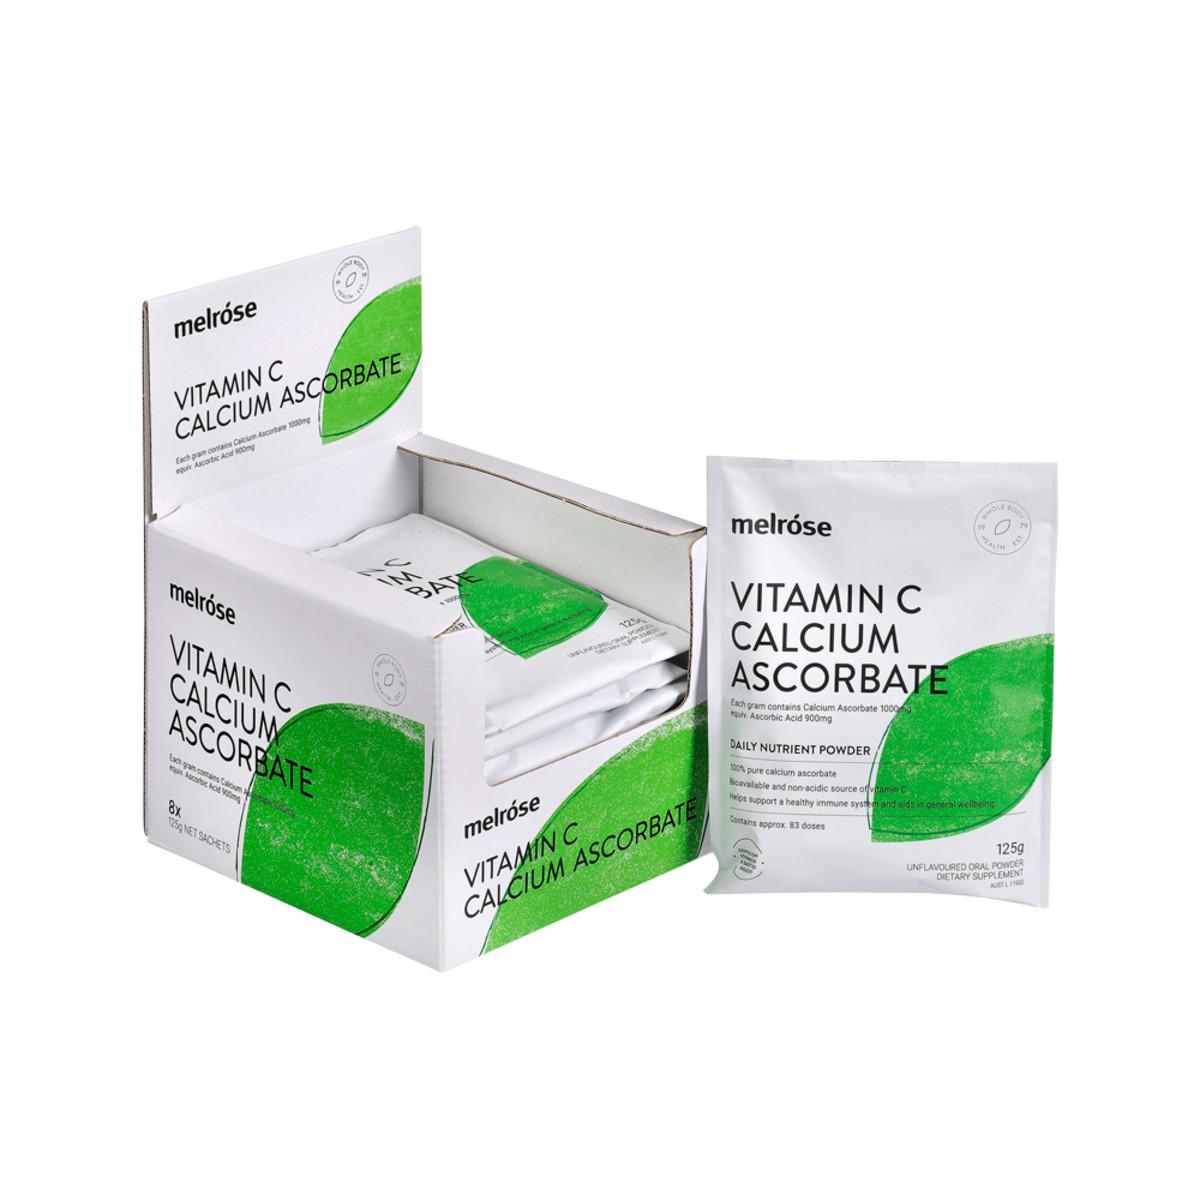 Melrose Vitamin C Calcium Ascorbate 125g x 8 Pack_media-01